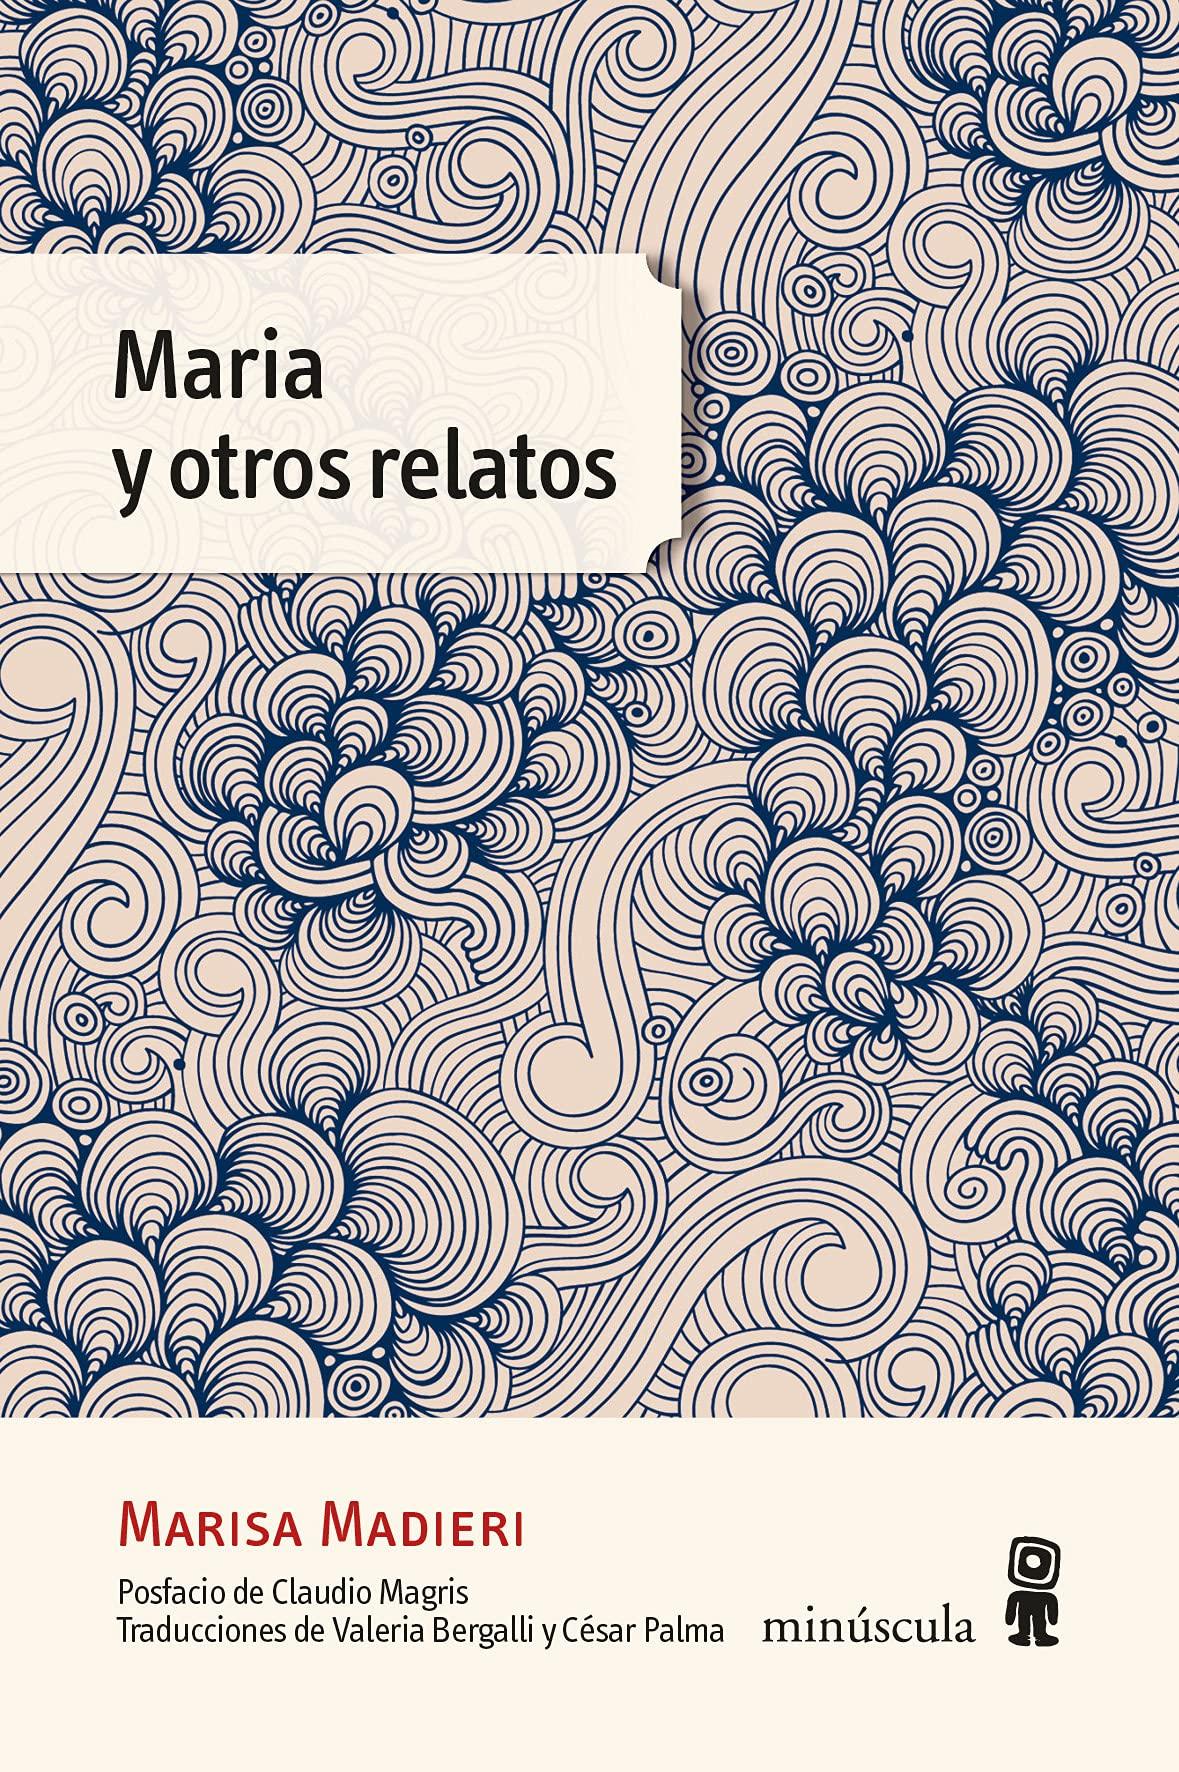 Libros para leer en verano de 2021 - Maria y otros relatos